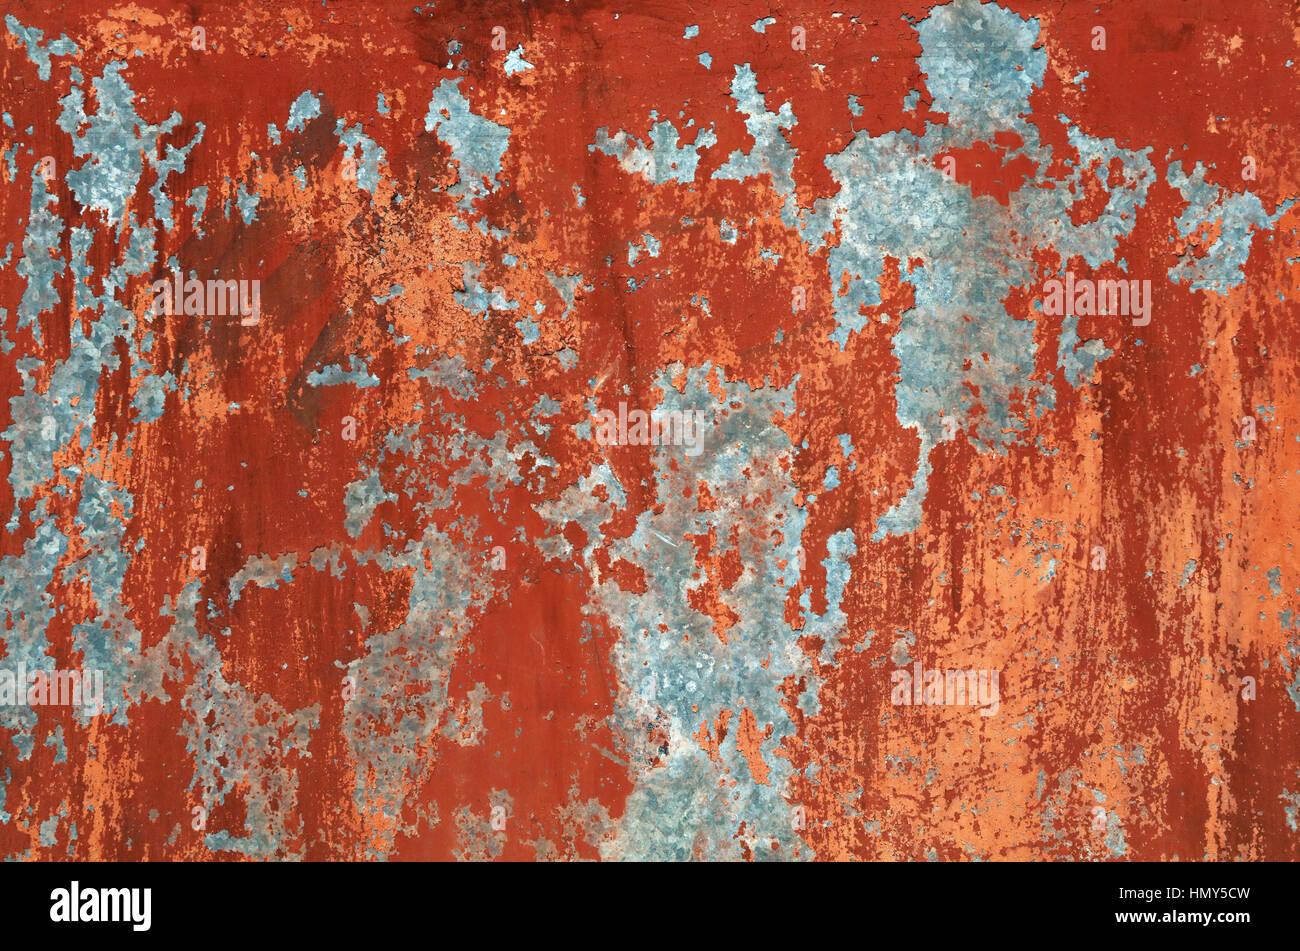 Mesmerizing Brauntöne Wand Reference Of Grunge Rot- Und Brauntöne Alte Bemalte Hintergrundtextur